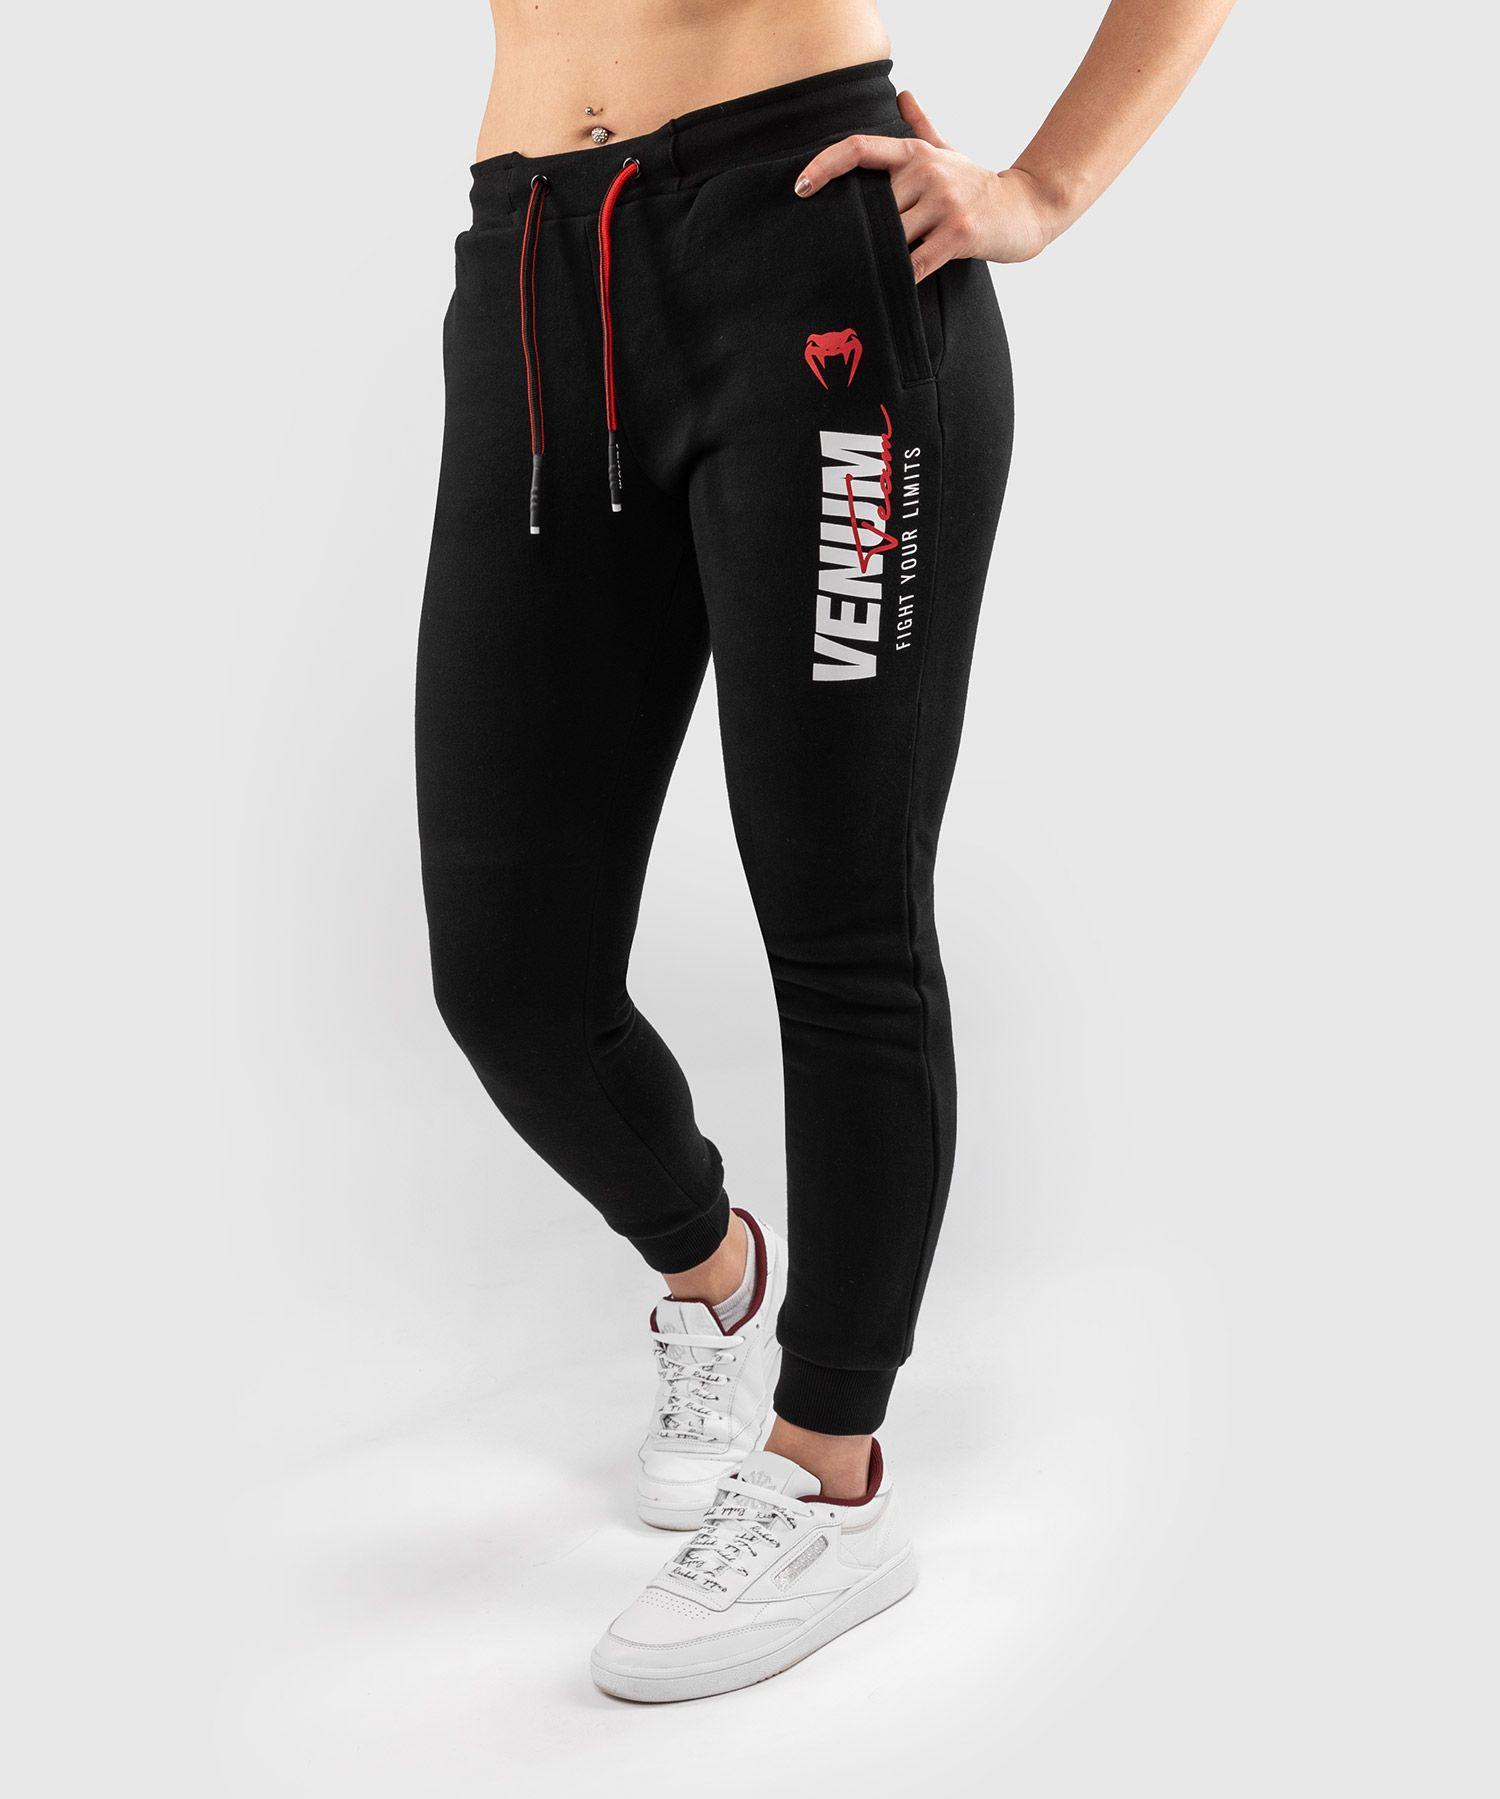 Venum Team-joggingbroek - Vrouwen